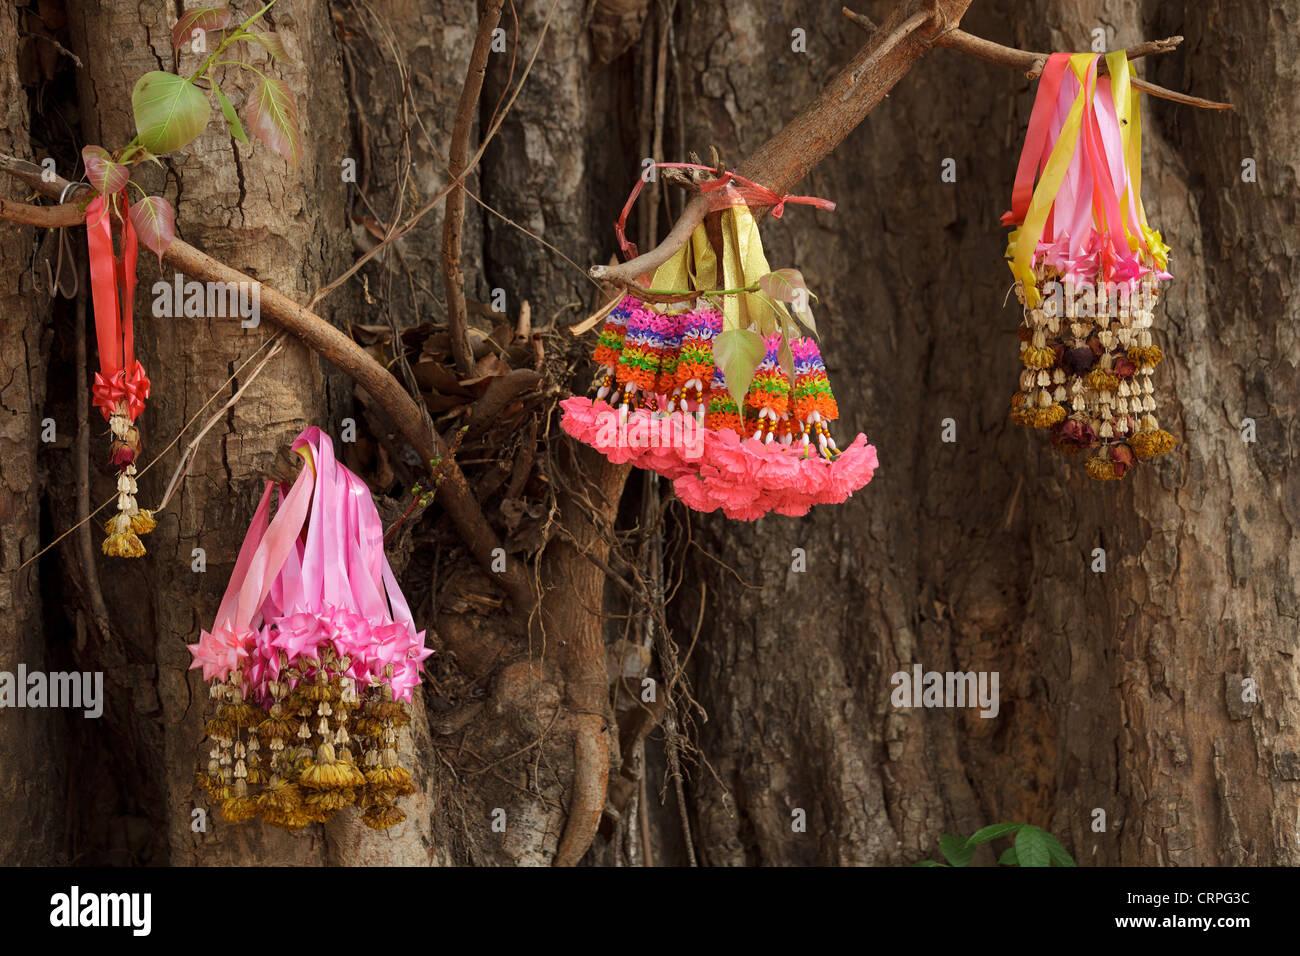 Religious Buddhist Symbols Hanging On Buddha Tree Thailand Stock